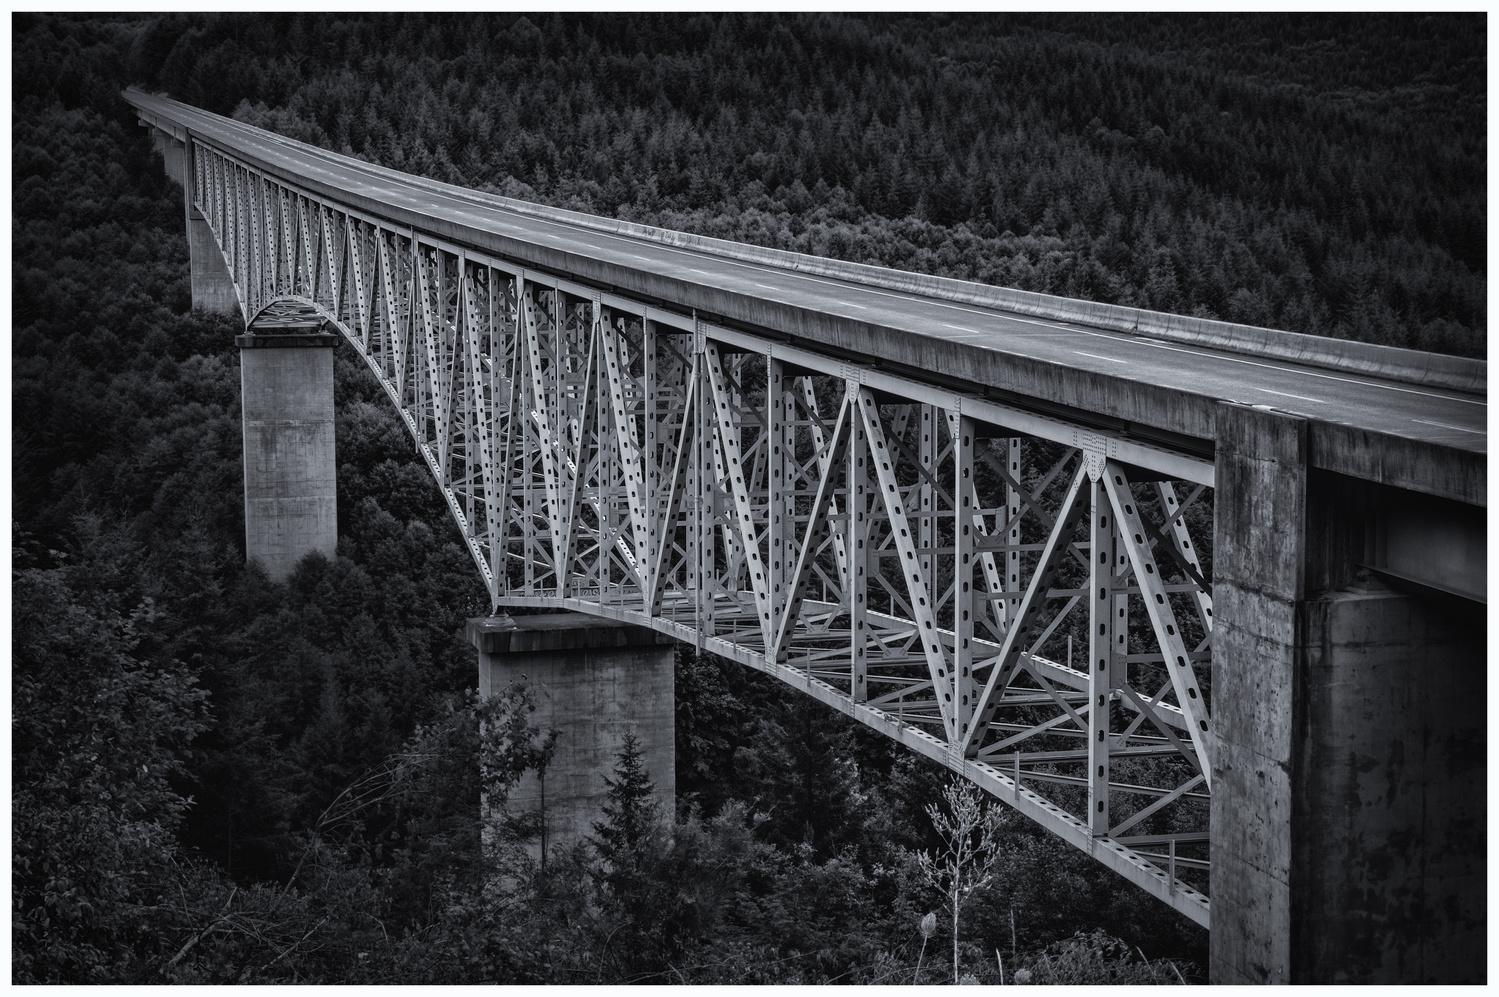 Hoffstadt Creek Bridge by Zach Deets